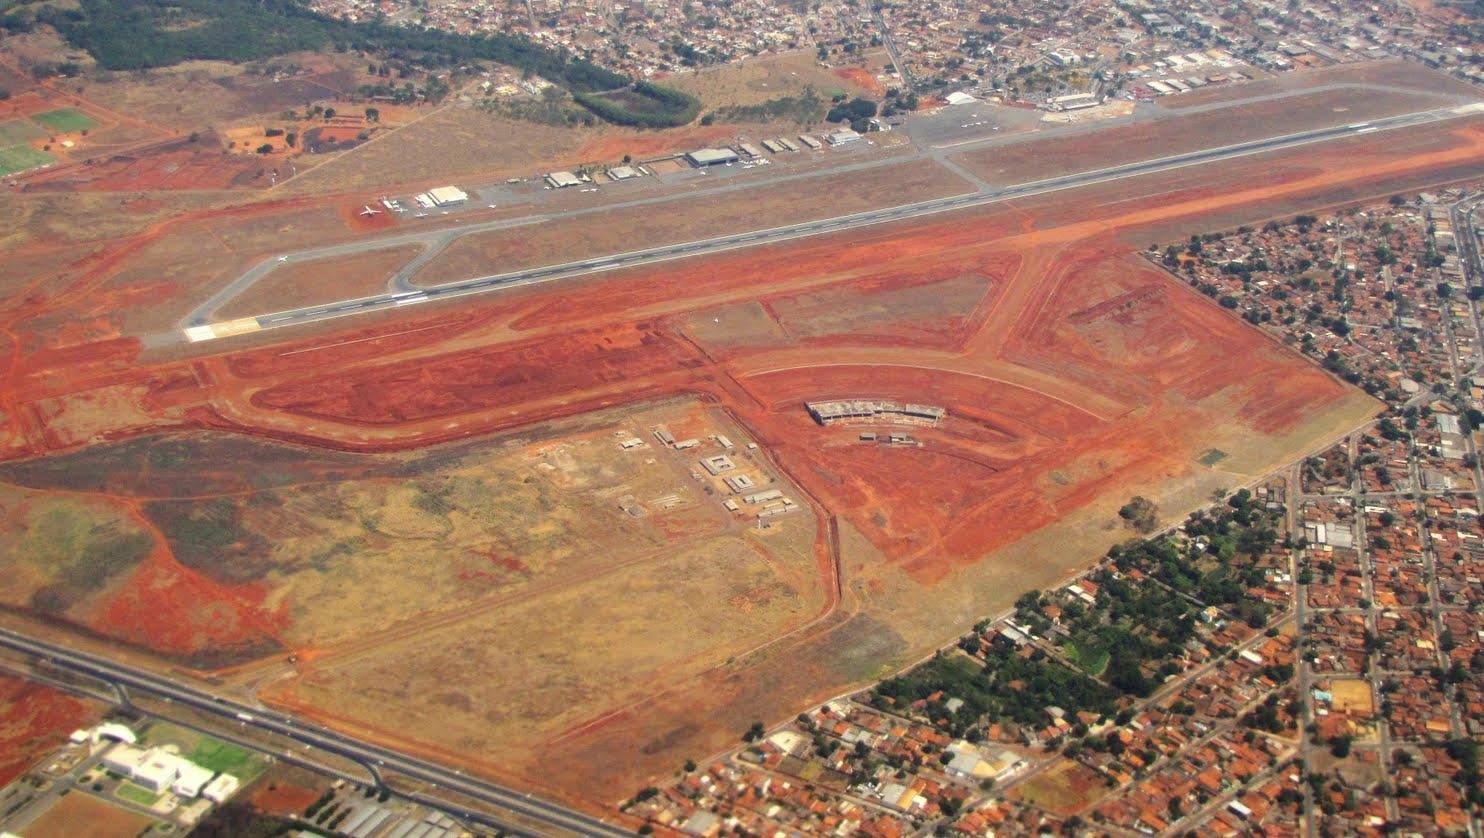 Ministro da Aviação e presidente da Infraero visitam obras do aeroporto de Goiânia